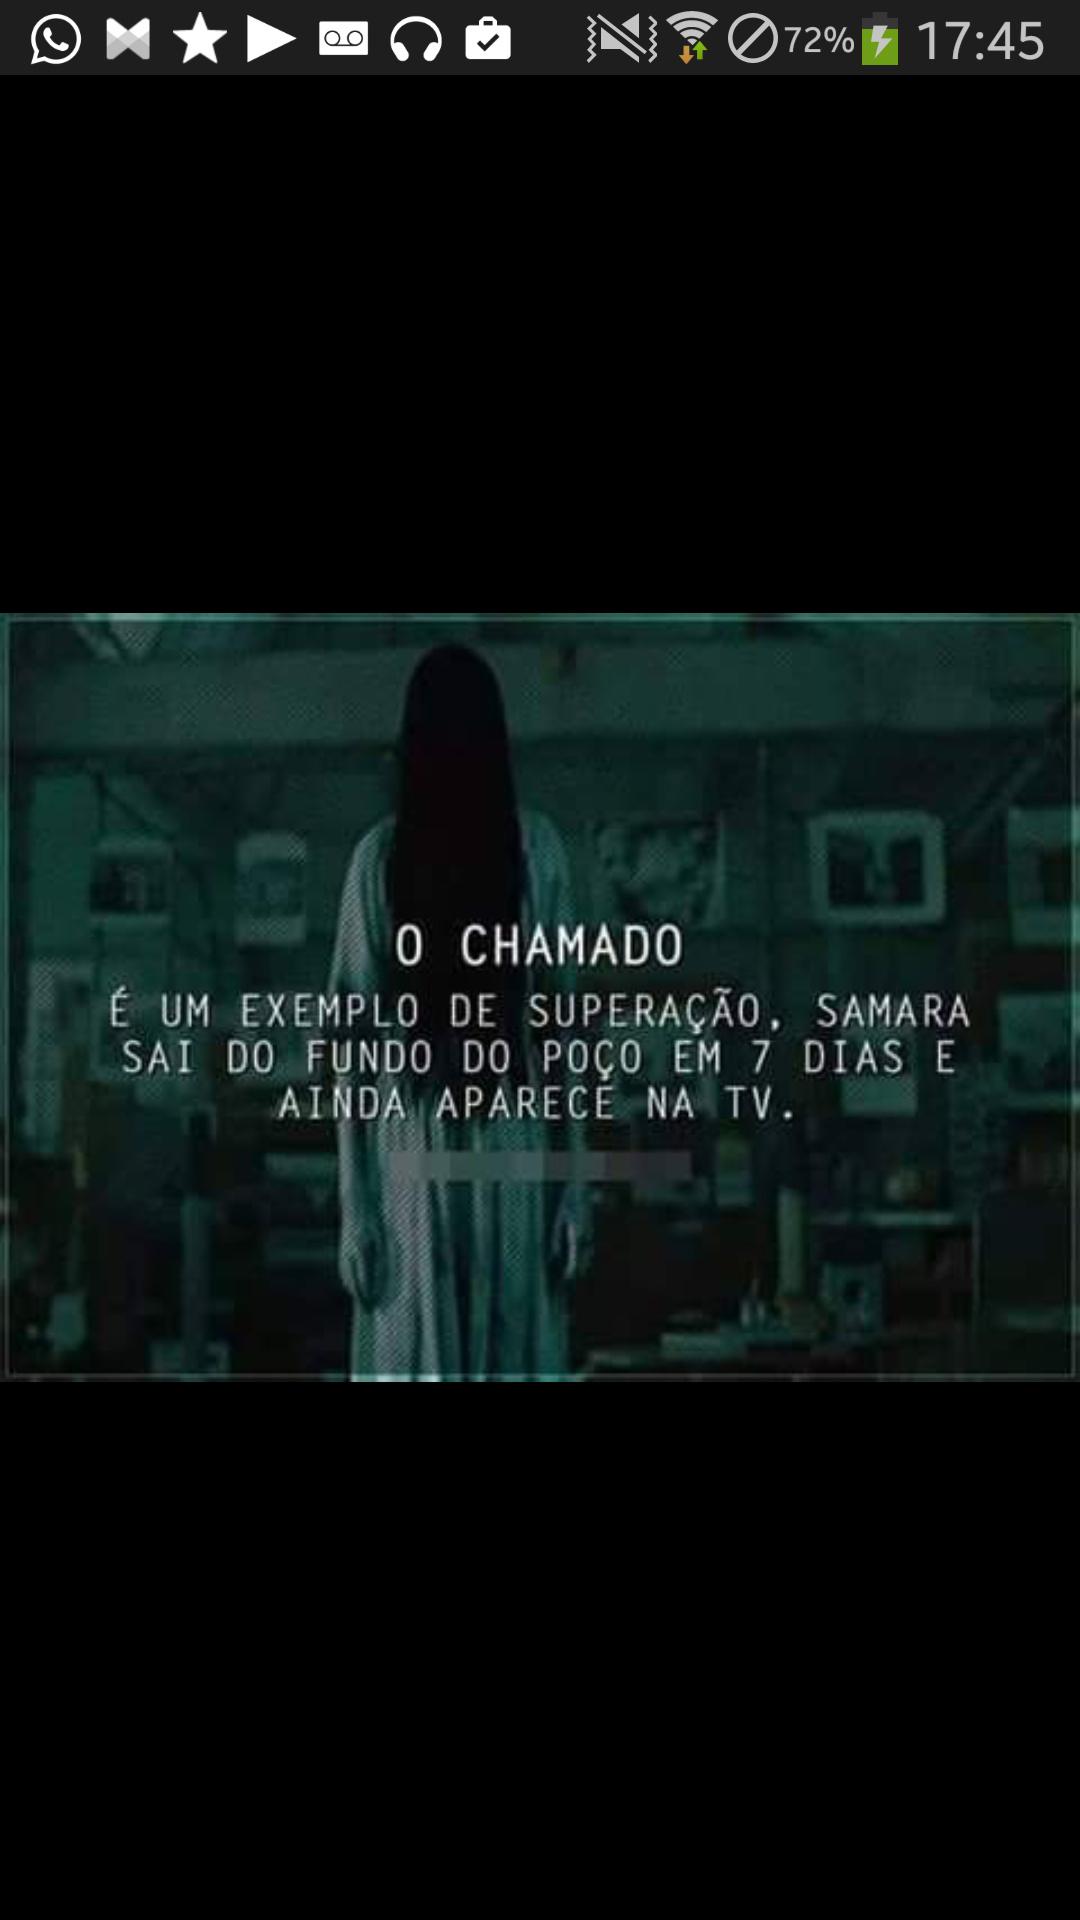 Devemos seguir o exemplo da Samara =) - meme